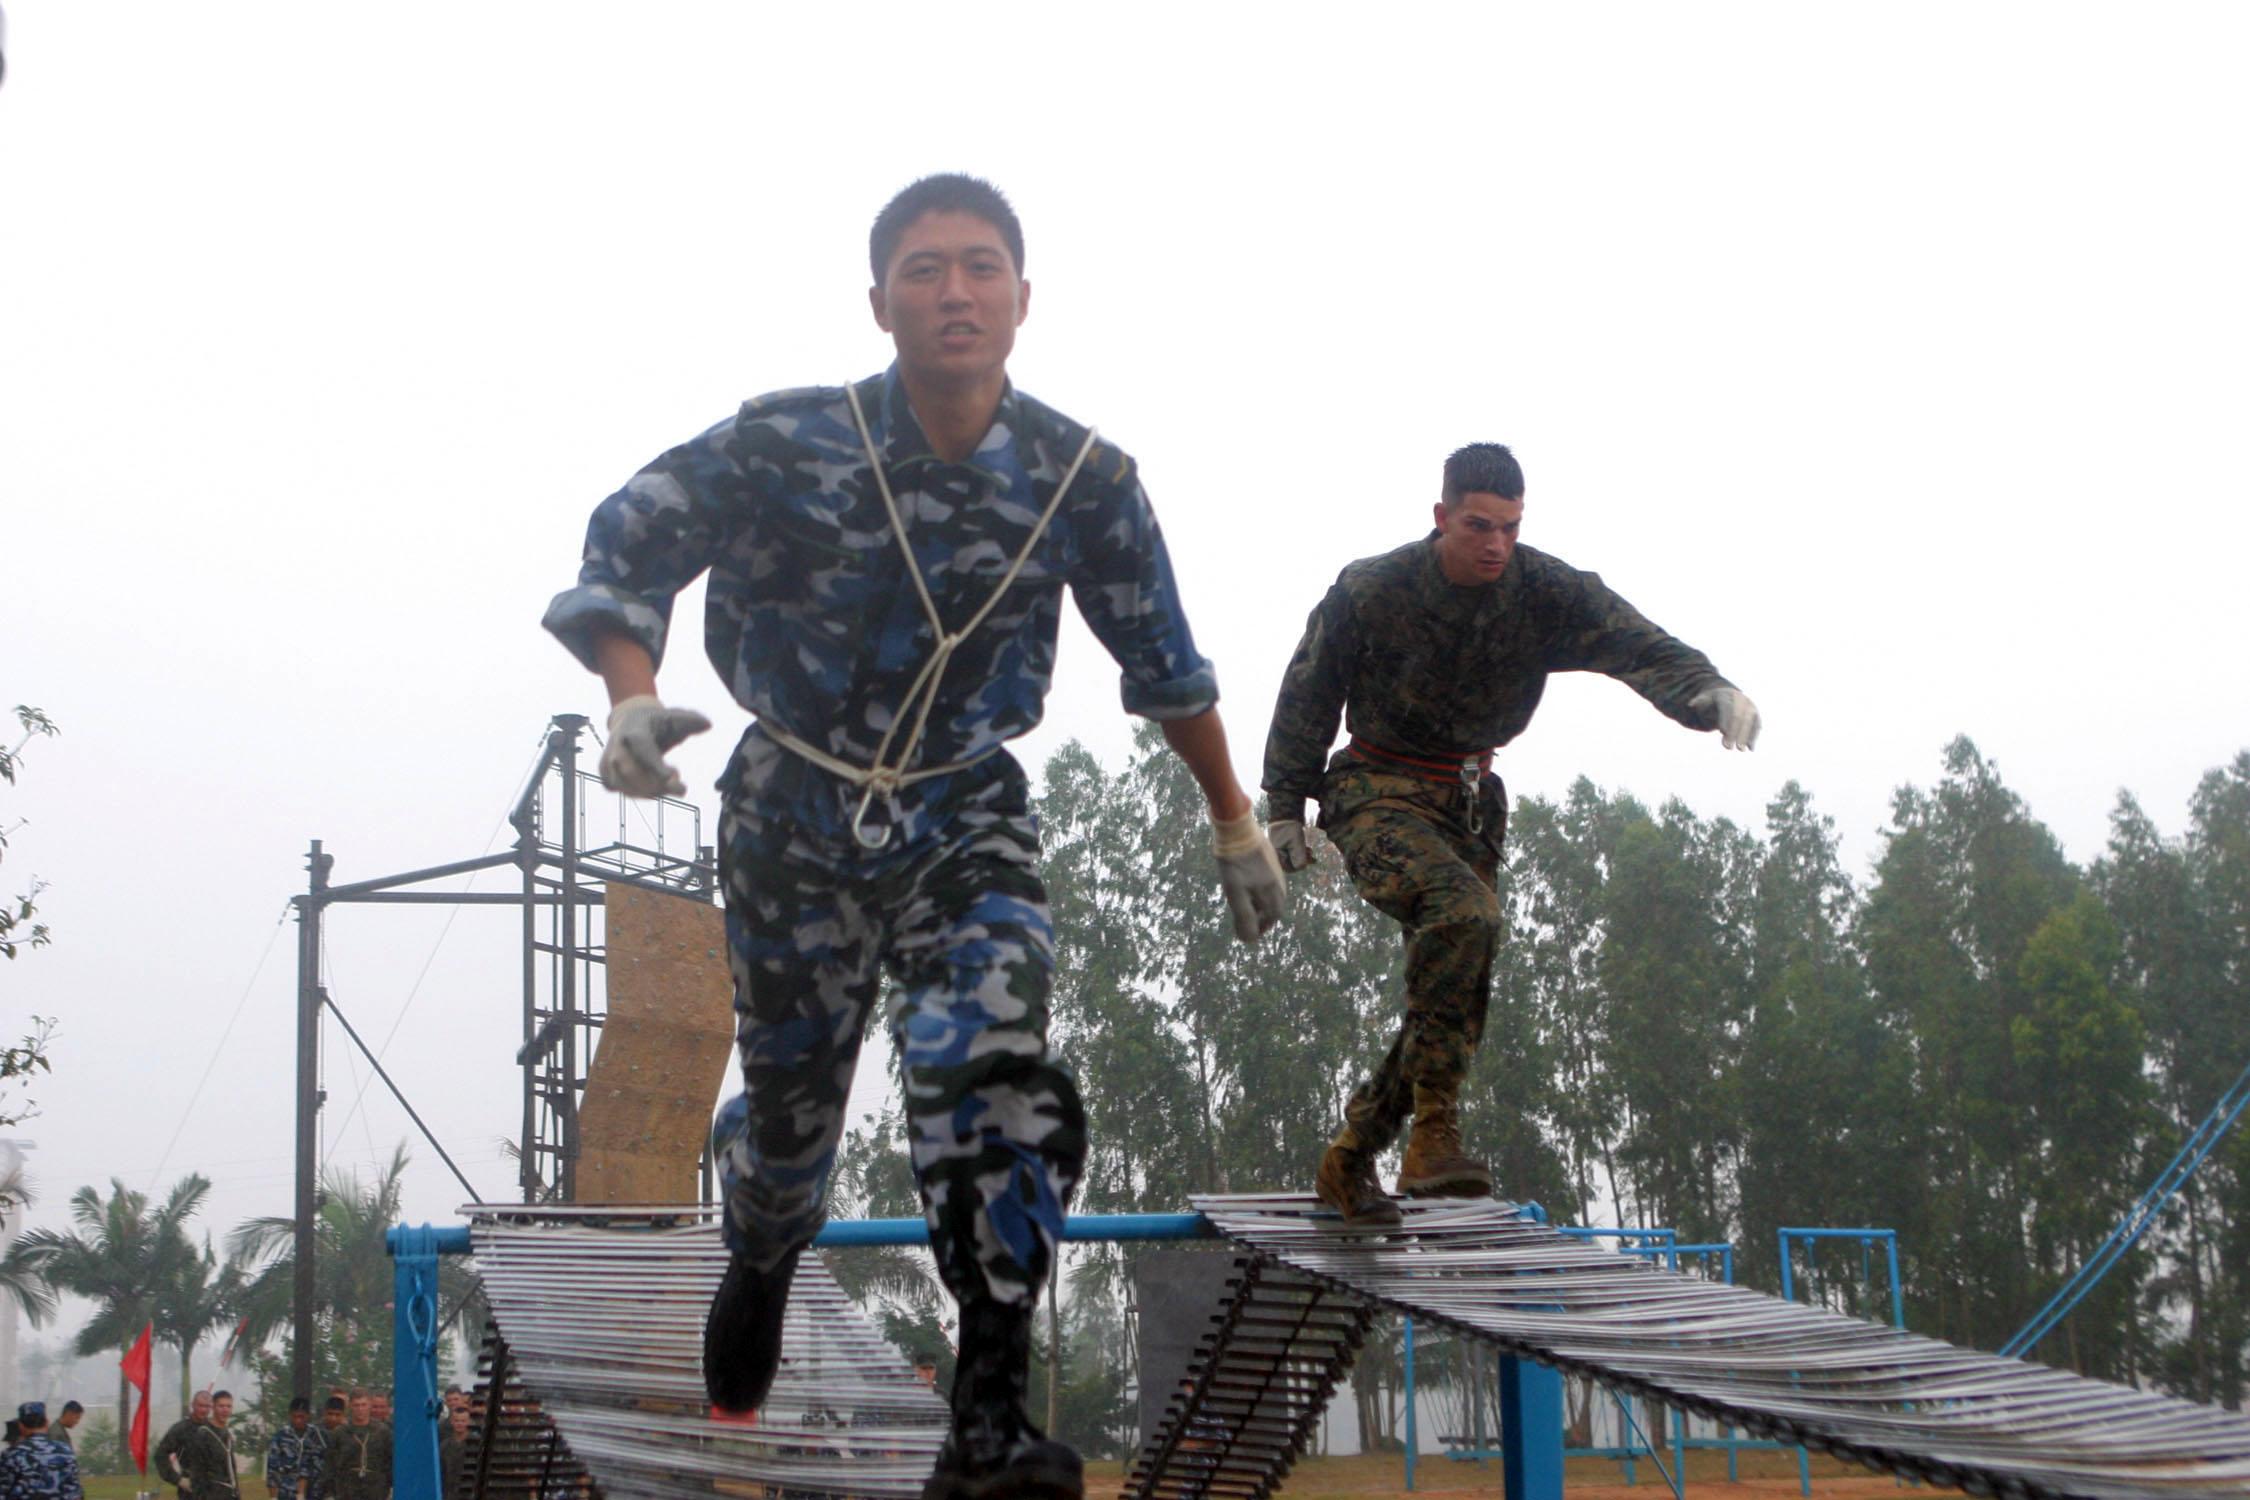 file:us navy 061117-m-9827h-074 marine corps cpl. peter jonas